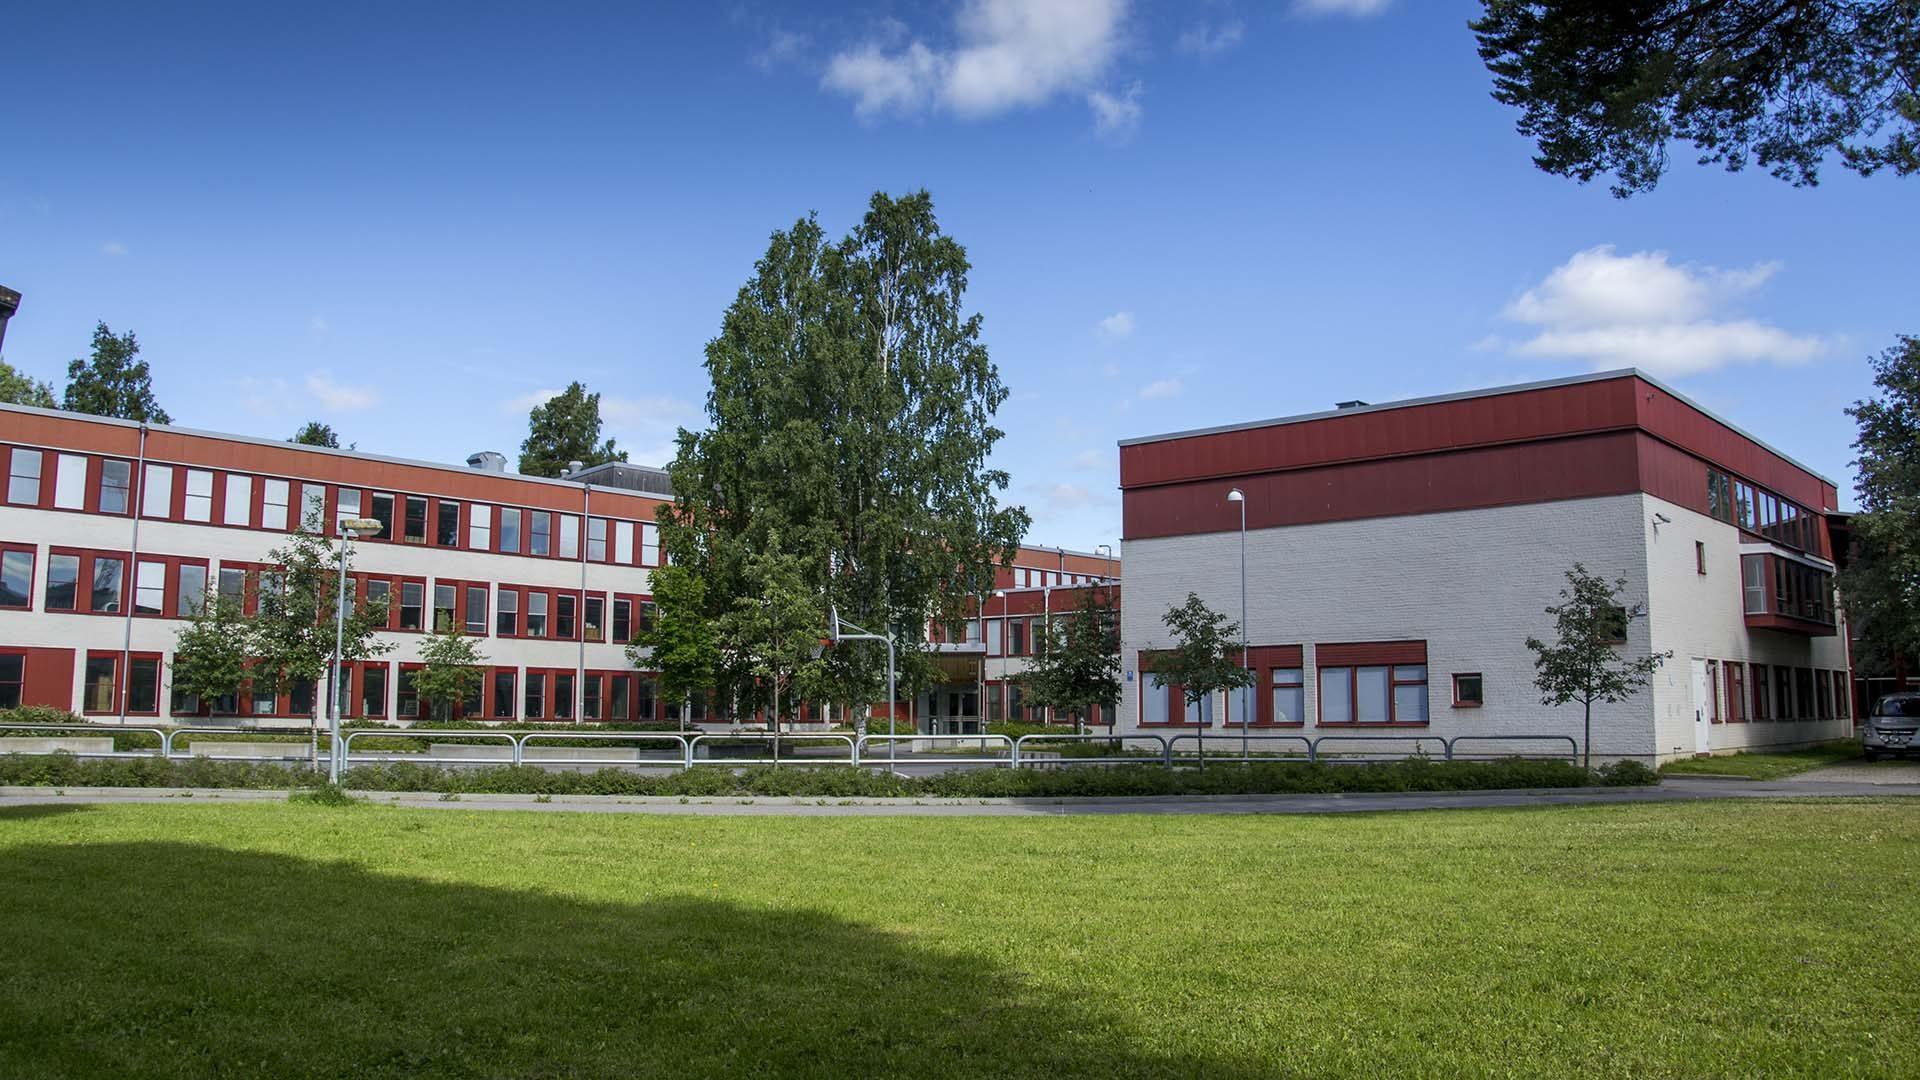 Sätraängsskolan från utsidan